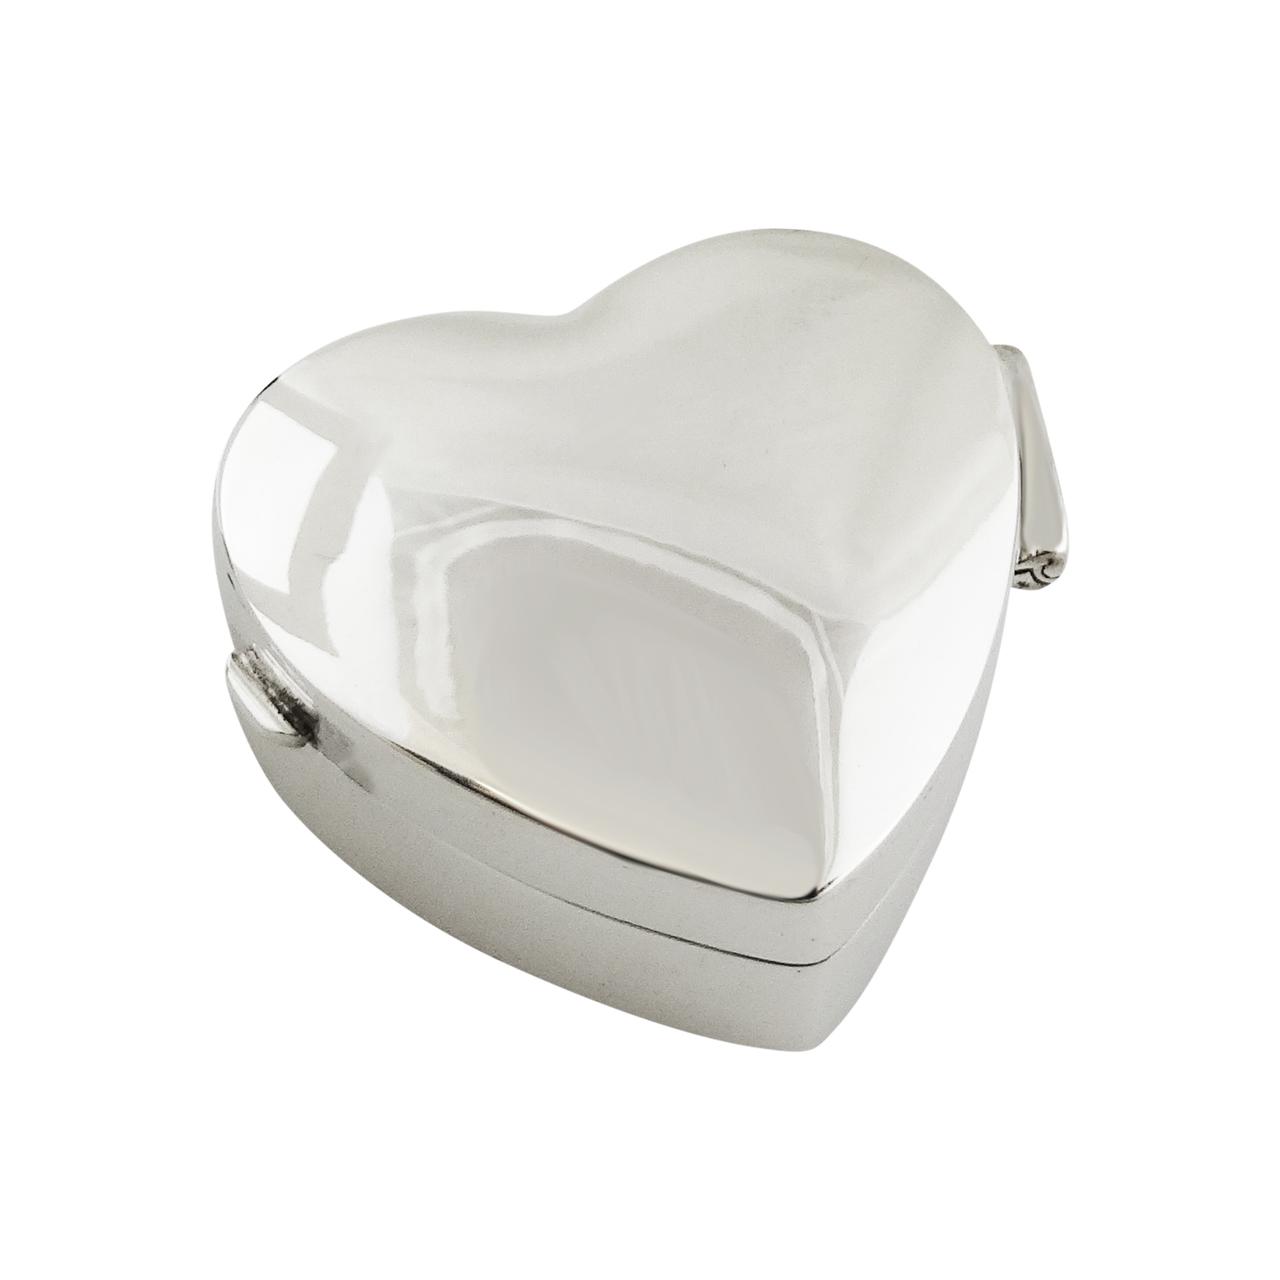 Heart Pill BOX or Keepsake Case - 925 Sterling Silver